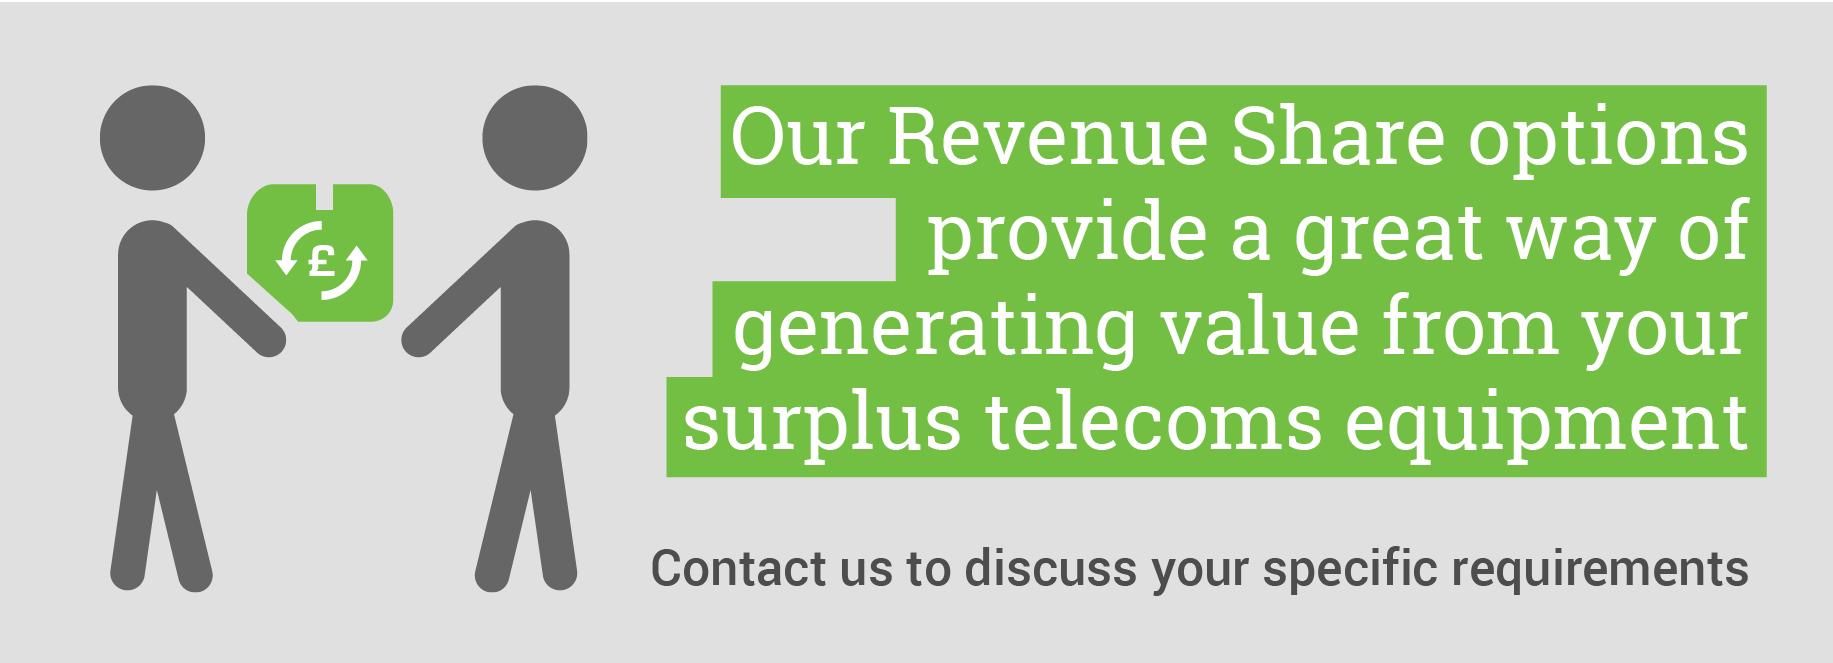 revenue-share-01